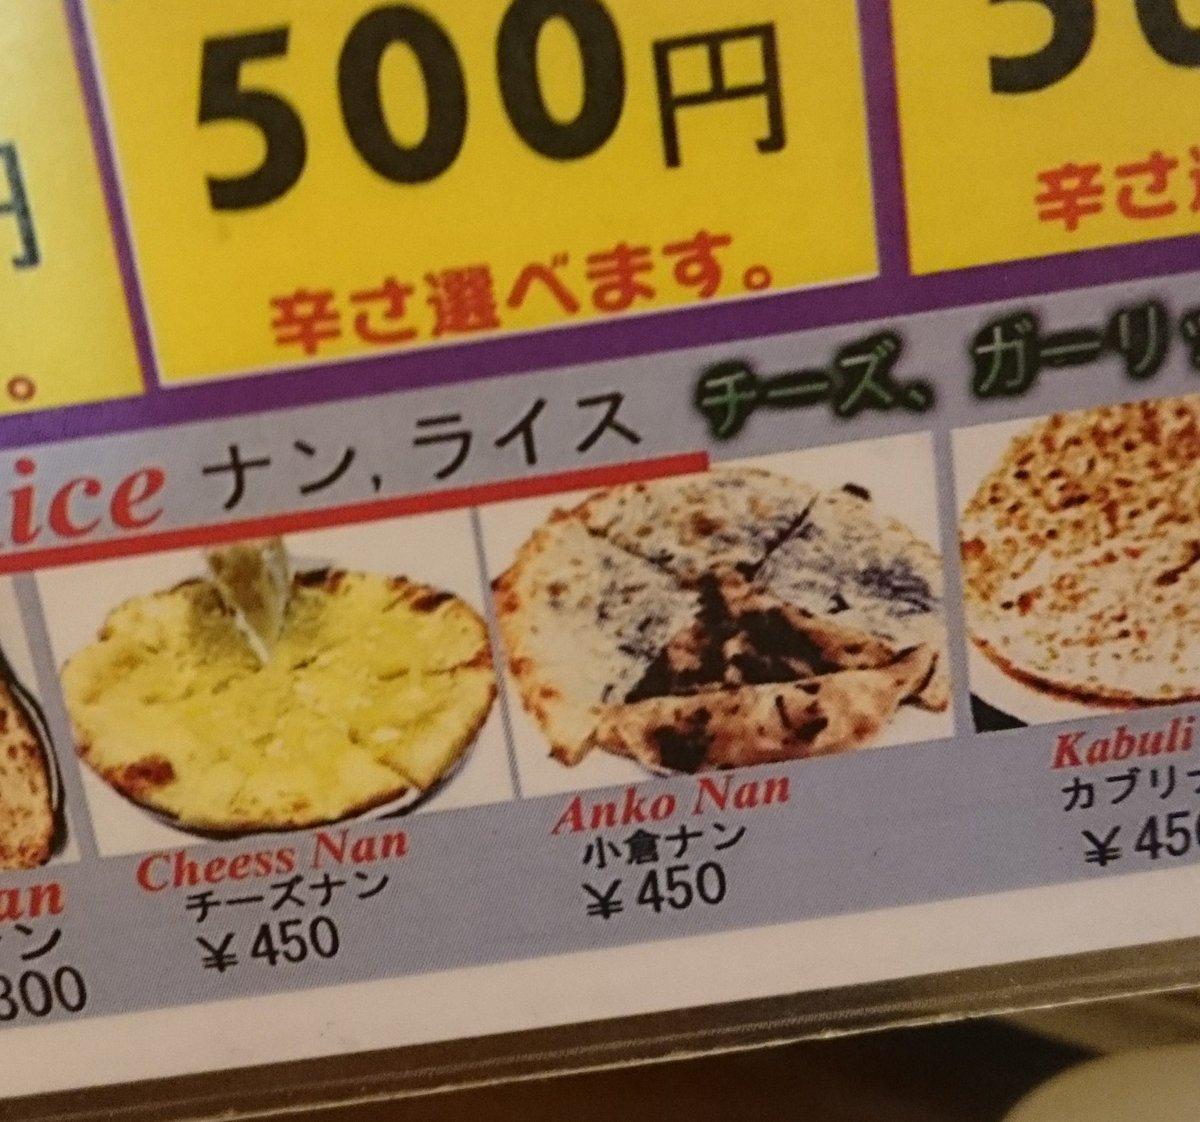 ナン「名古屋の食文化には勝てなかったよ」 pic.twitter.com/7fcN1QOMPA